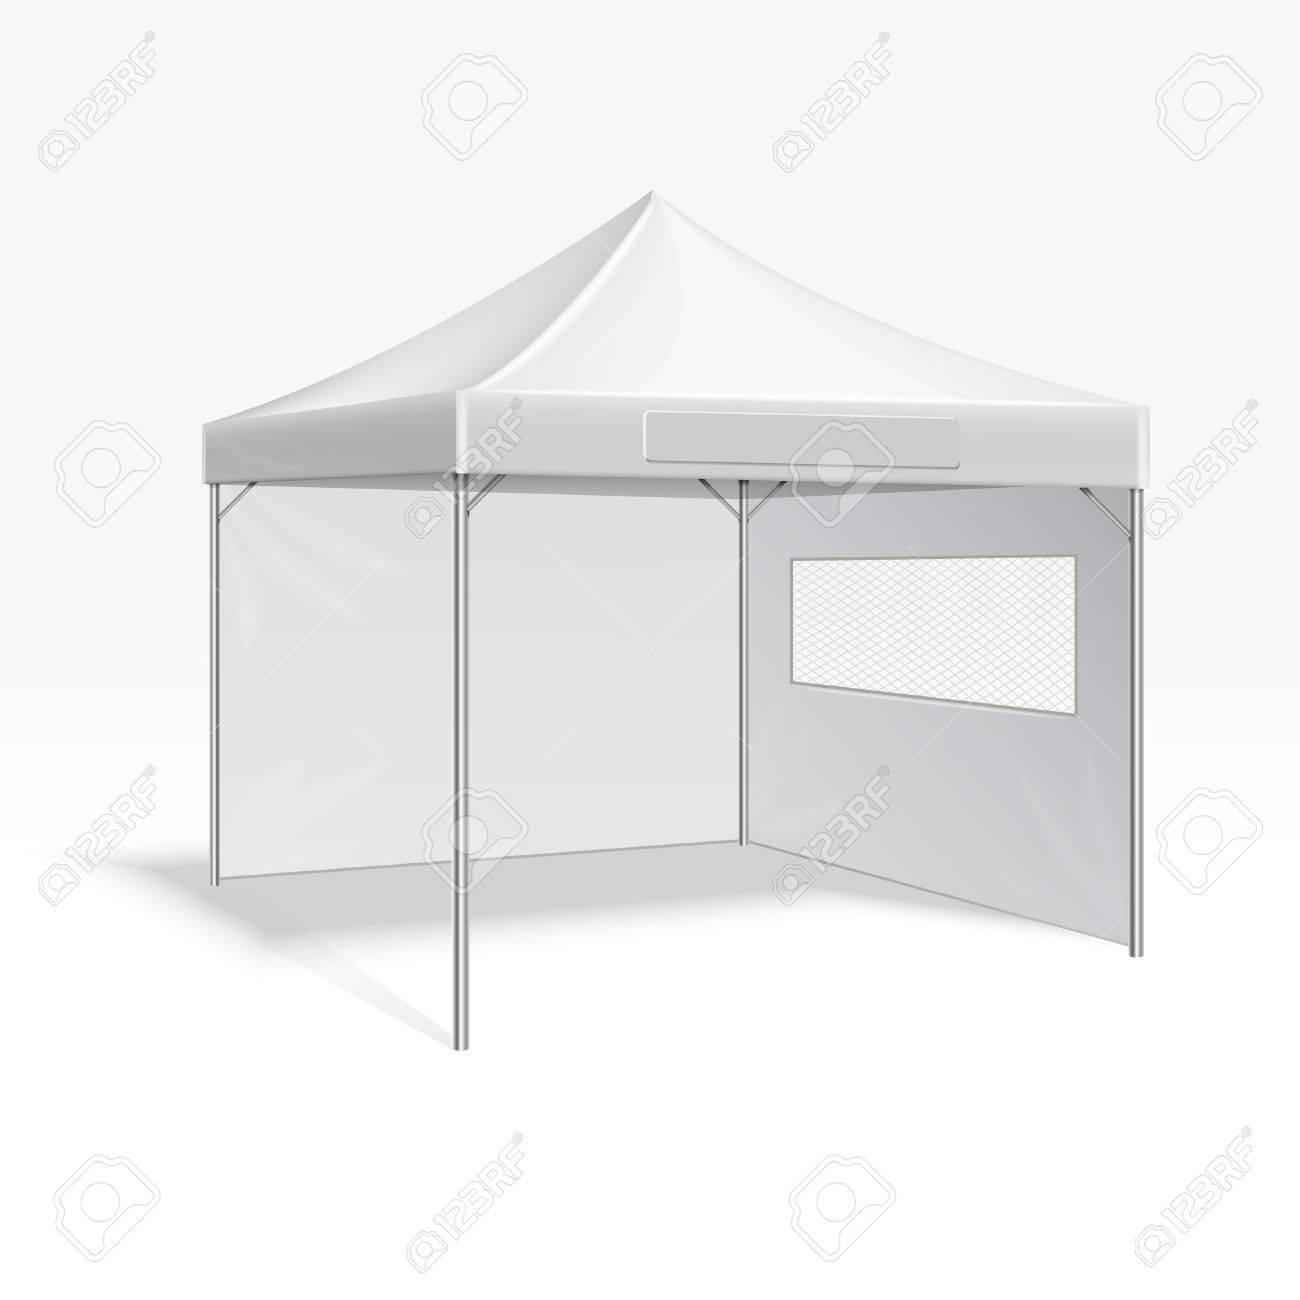 Werbe-Faltzelt Vektor-Illustration Für Outdoor-Event. Abdeckrahmen ...